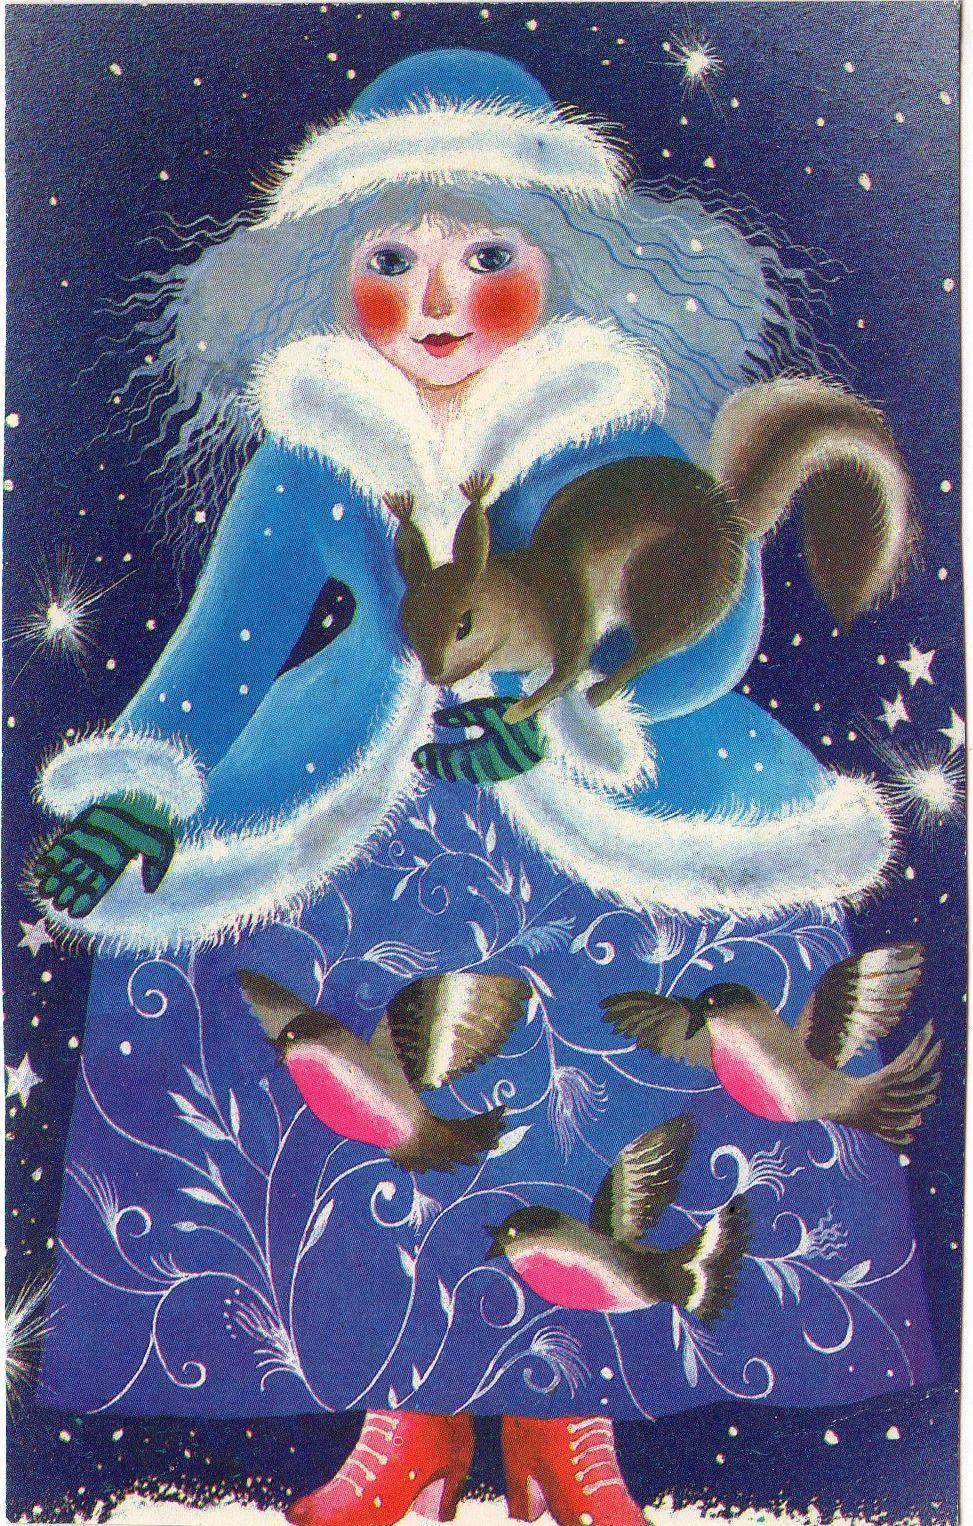 Снегурочка с белочкой. С Новым годом!